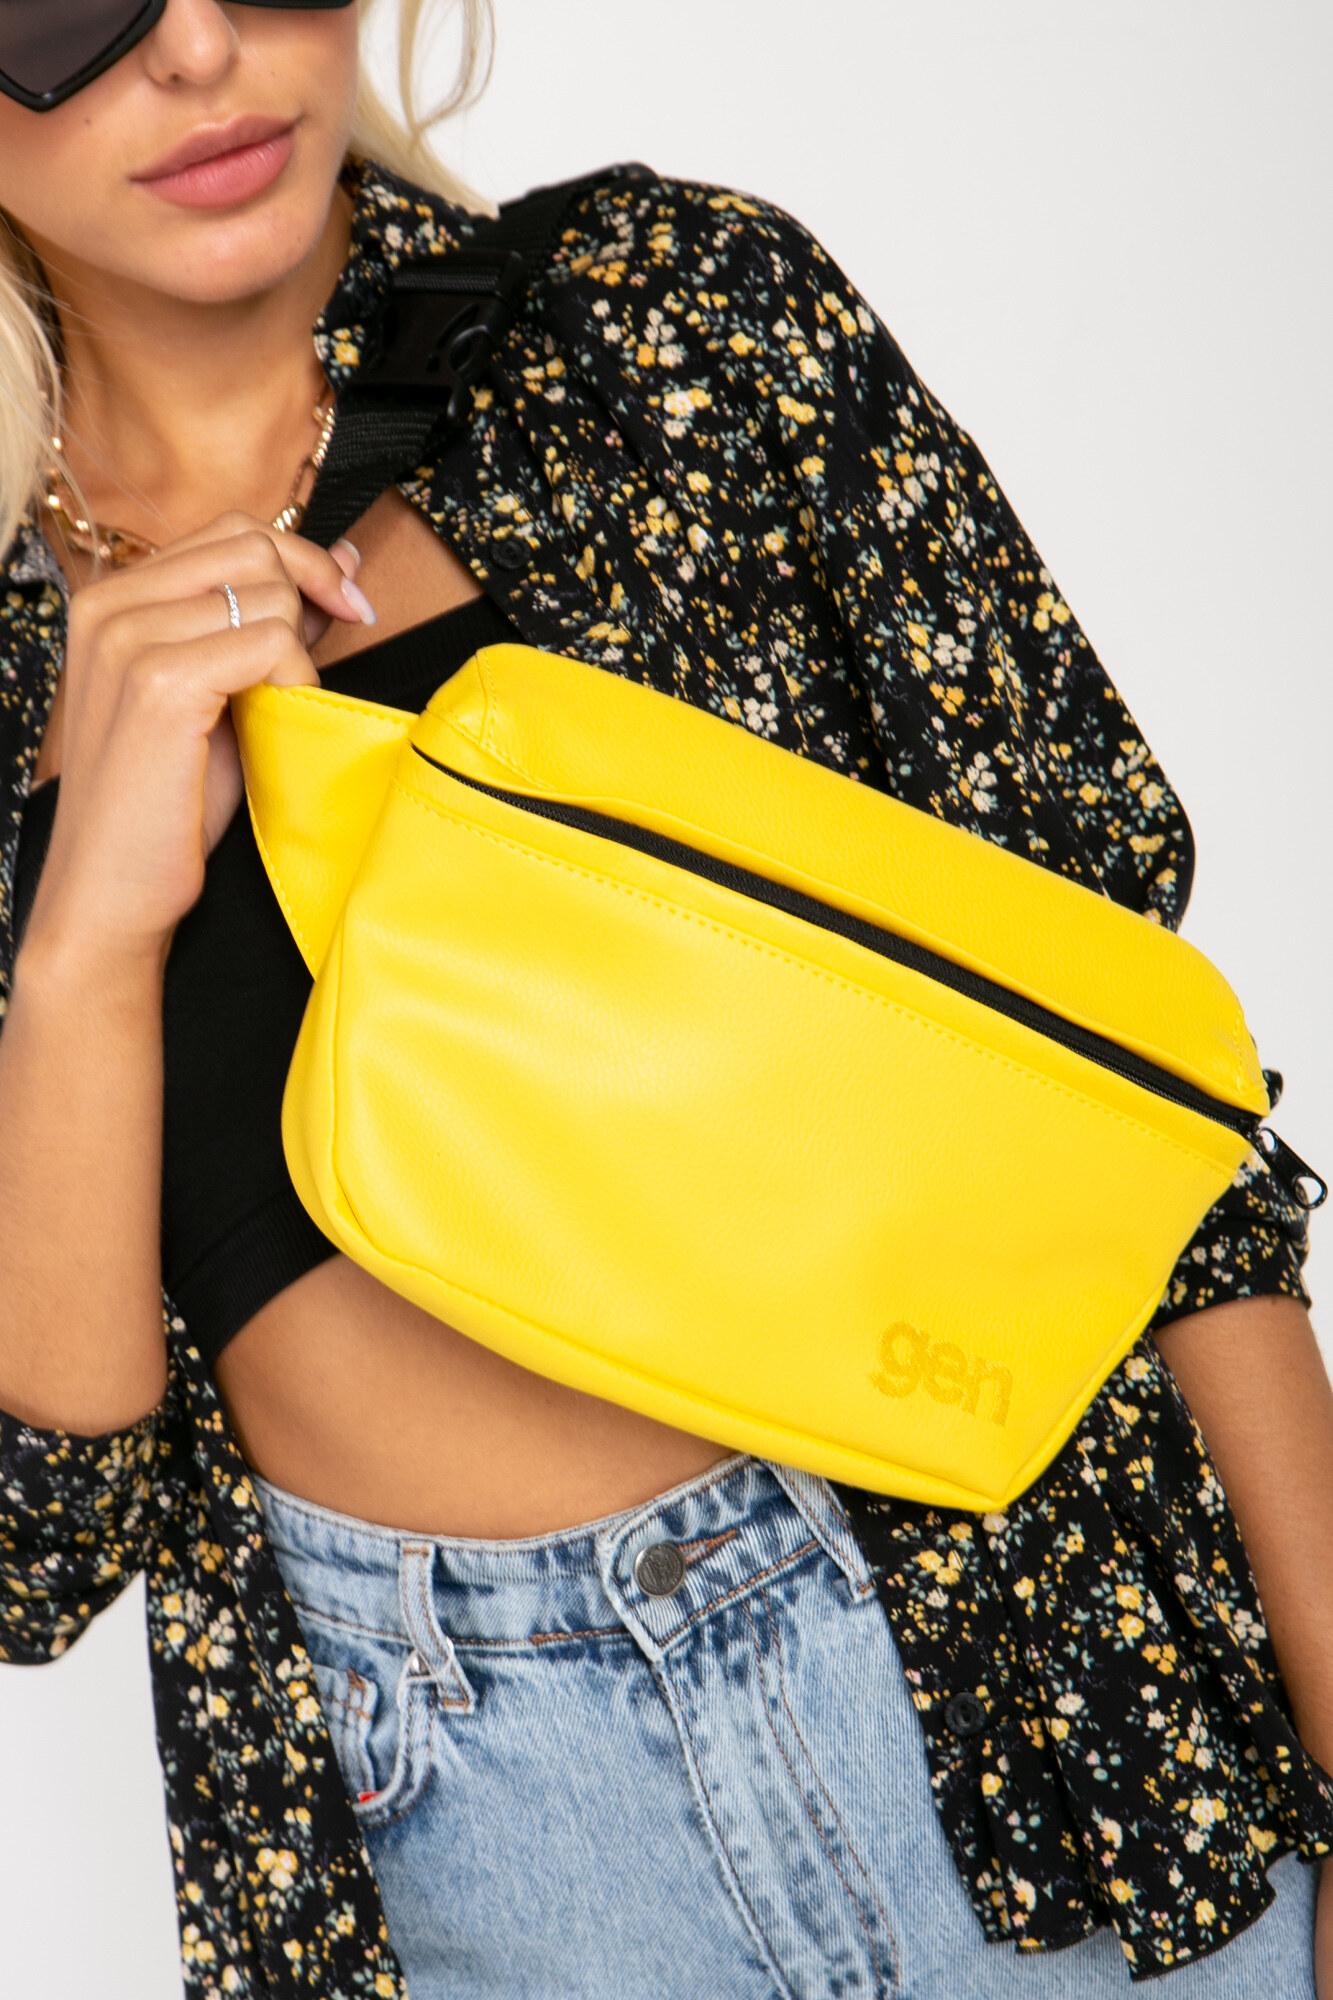 Прямоугольная поясная сумка бананка желтого цвета на одно отделение